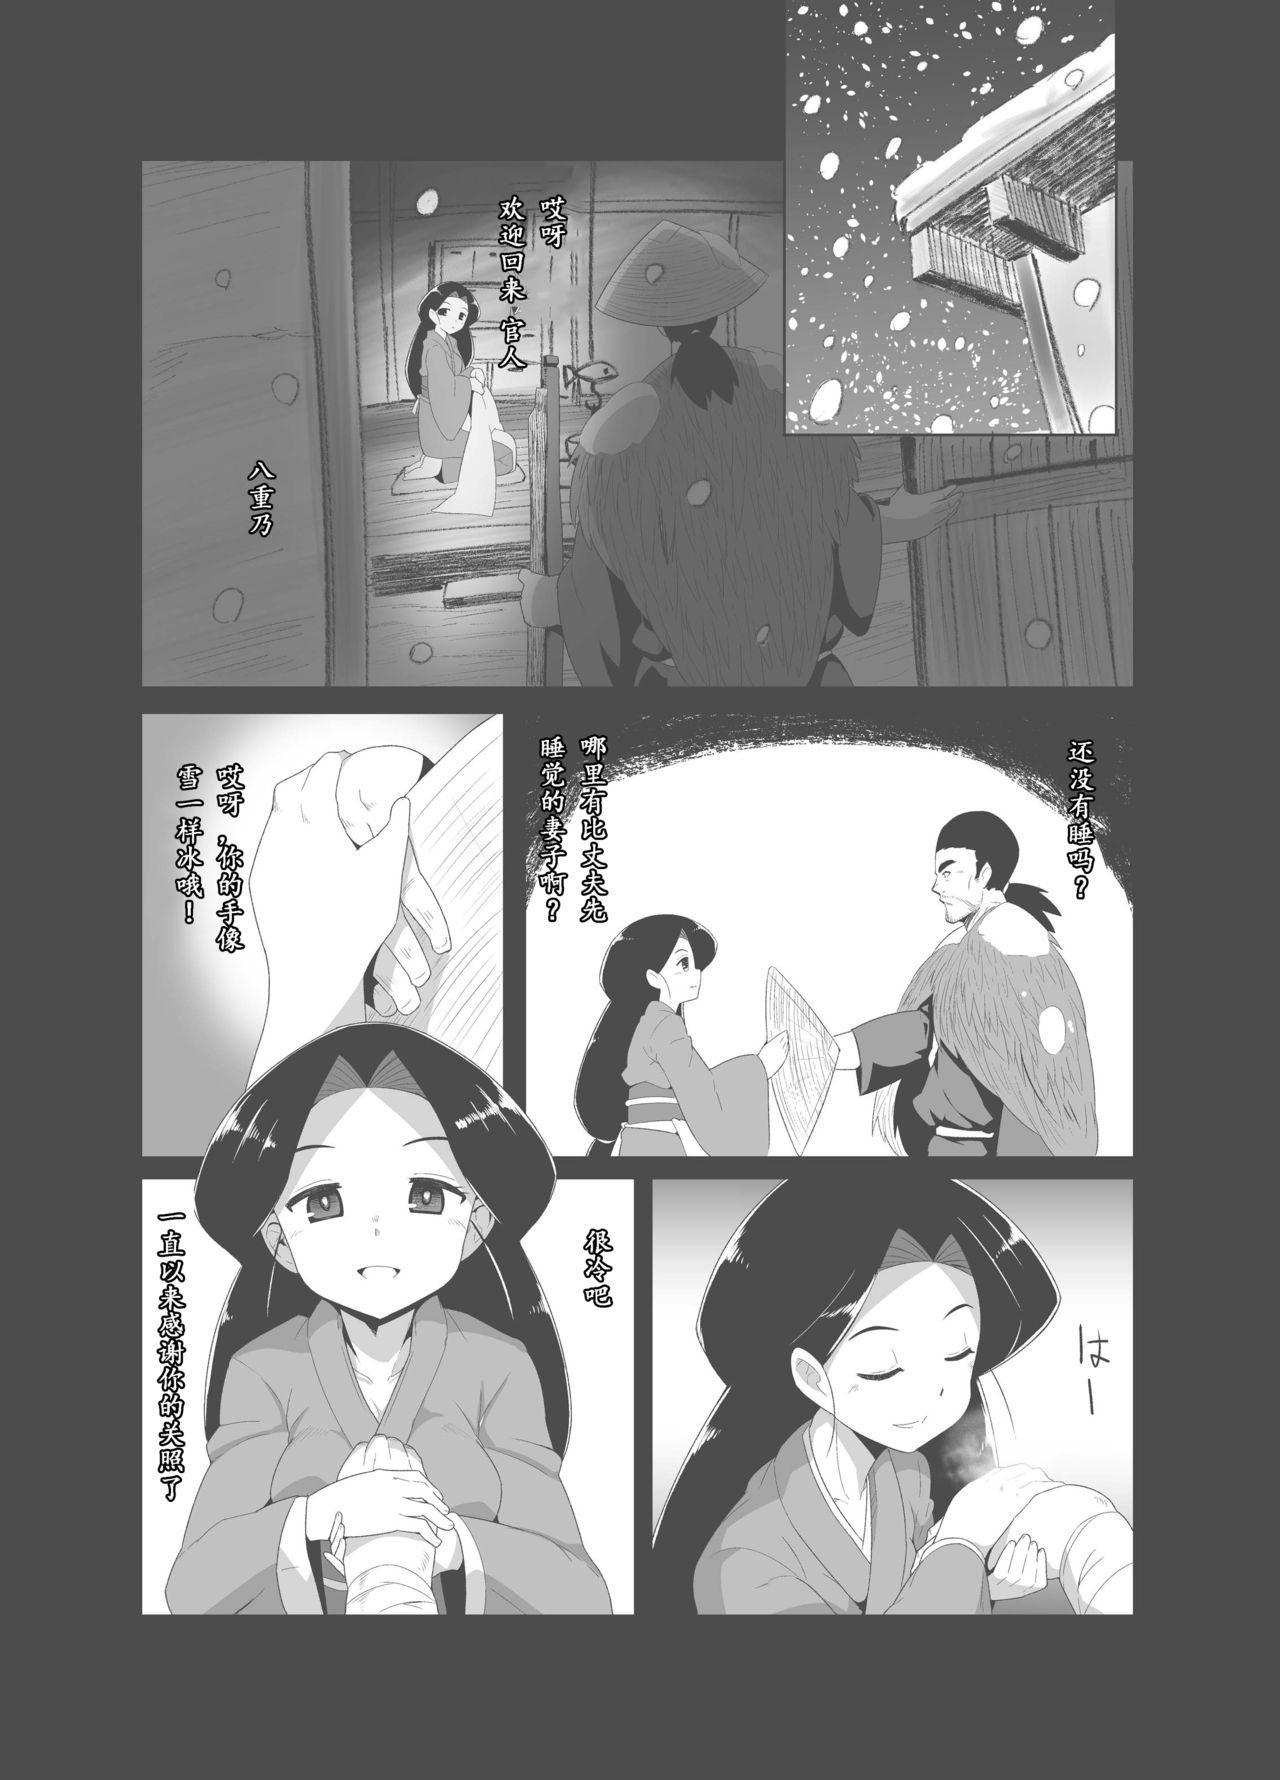 Eromanga Nihon Mukashibanashi 9